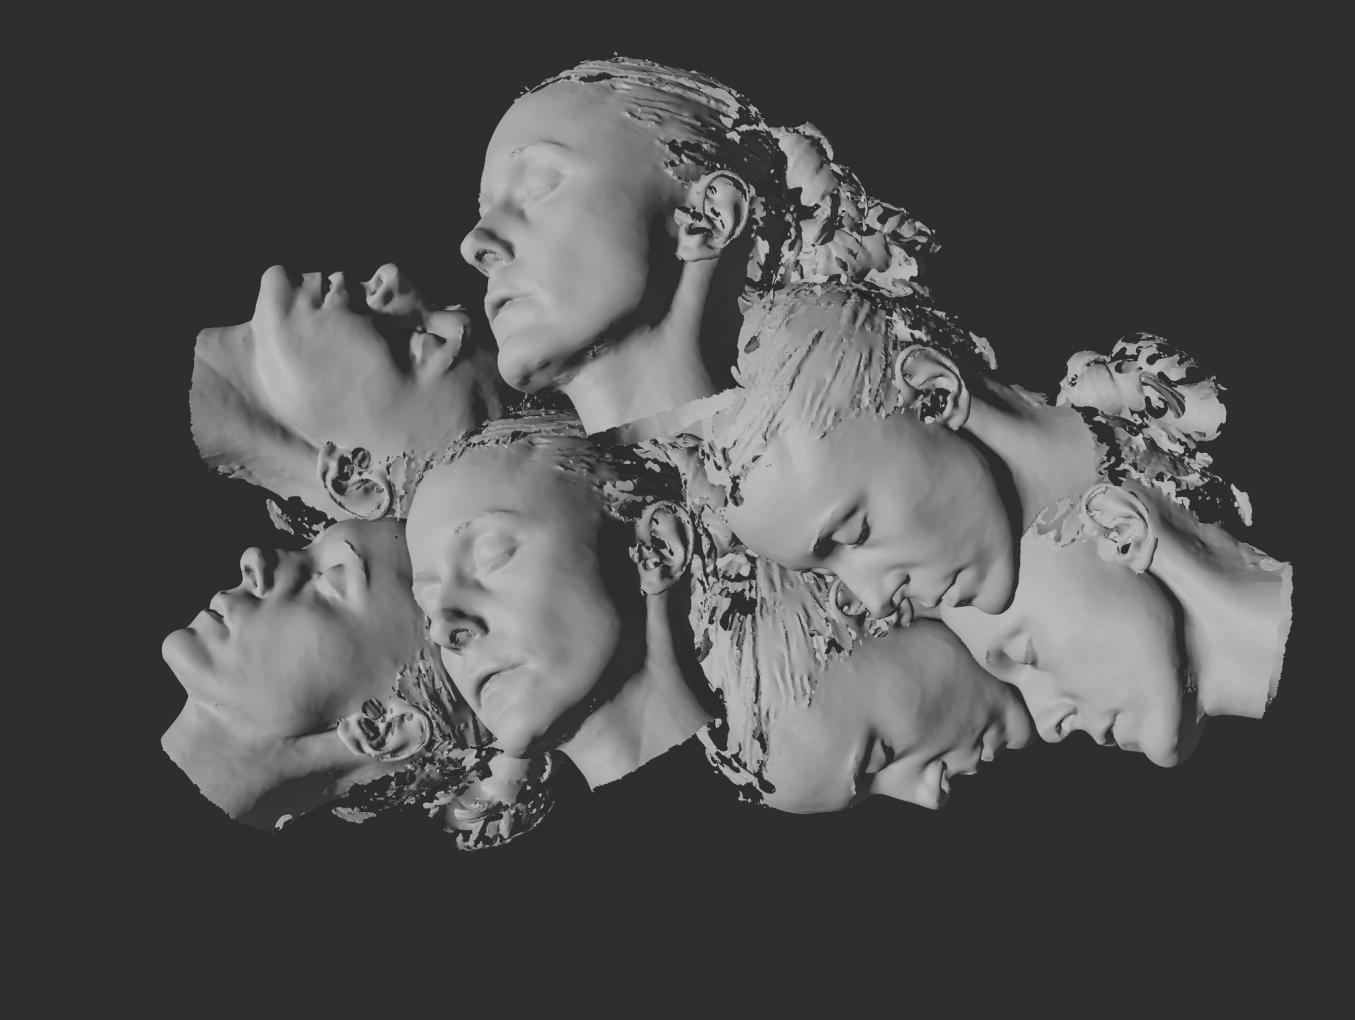 Alumni tentoonstelling - Inhabitant body (archief)